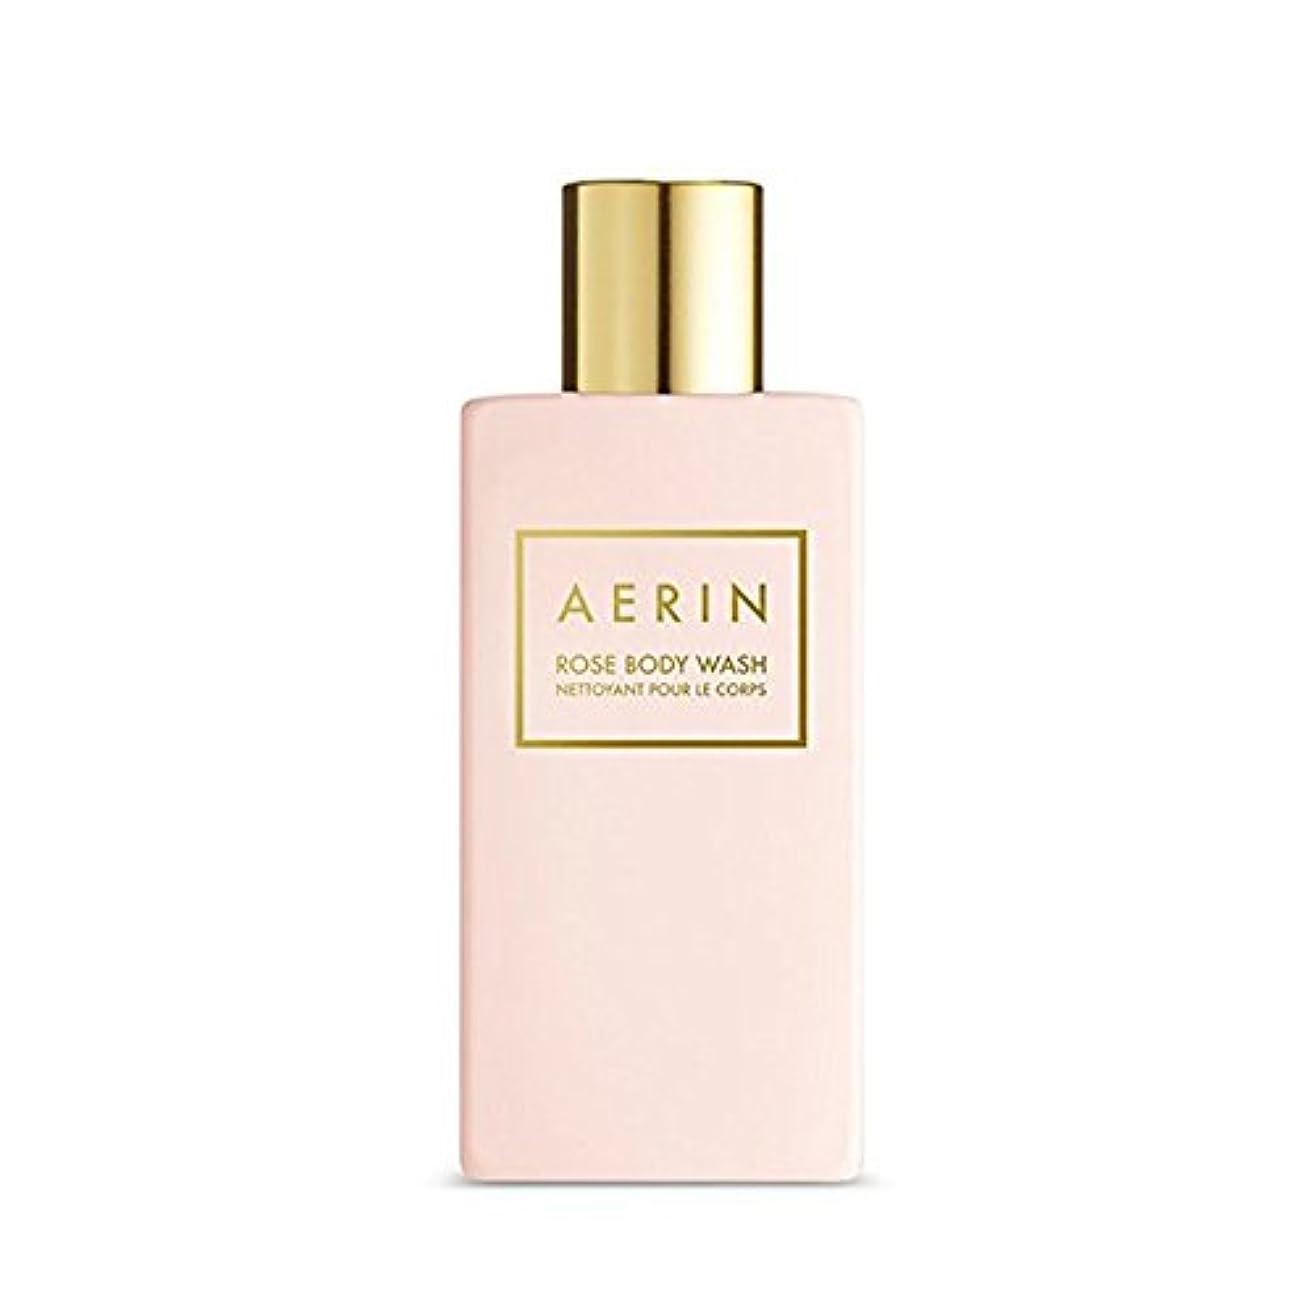 安定した性的AERIN Rose Body Wash(アエリン ローズ ボディー ウオッシュ) 7.6 oz (225ml) by Estee Lauder